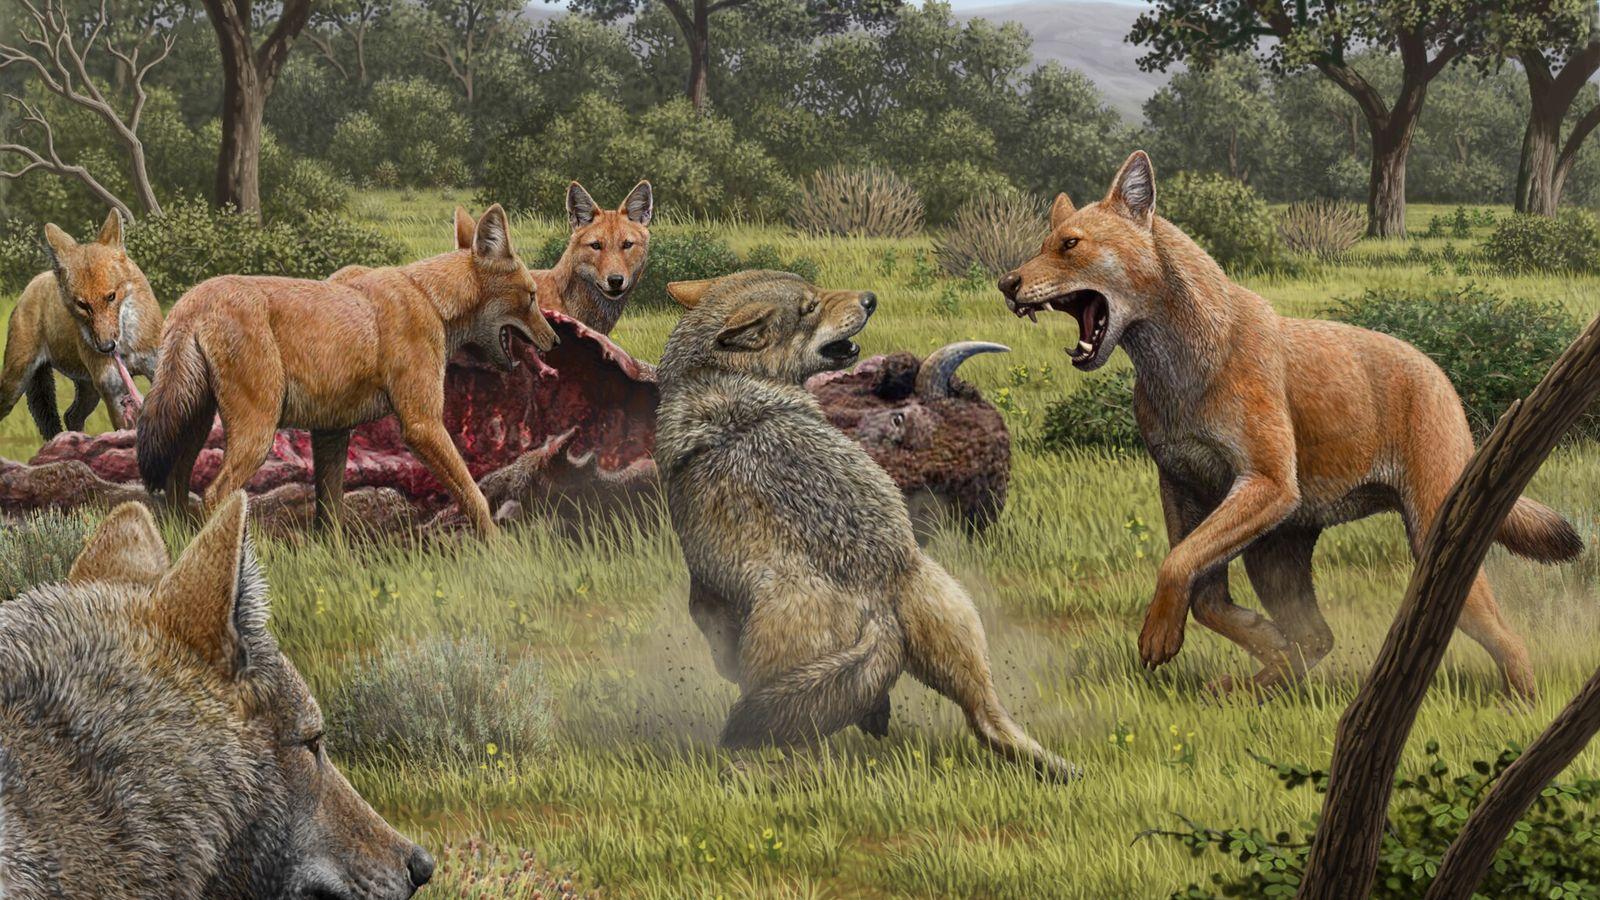 Lobos pré-históricos, de pelagem avermelhada, enfrentando lobos-cinzentos. Essa imagem foi criada pelo artista Mauricio Anton em ...